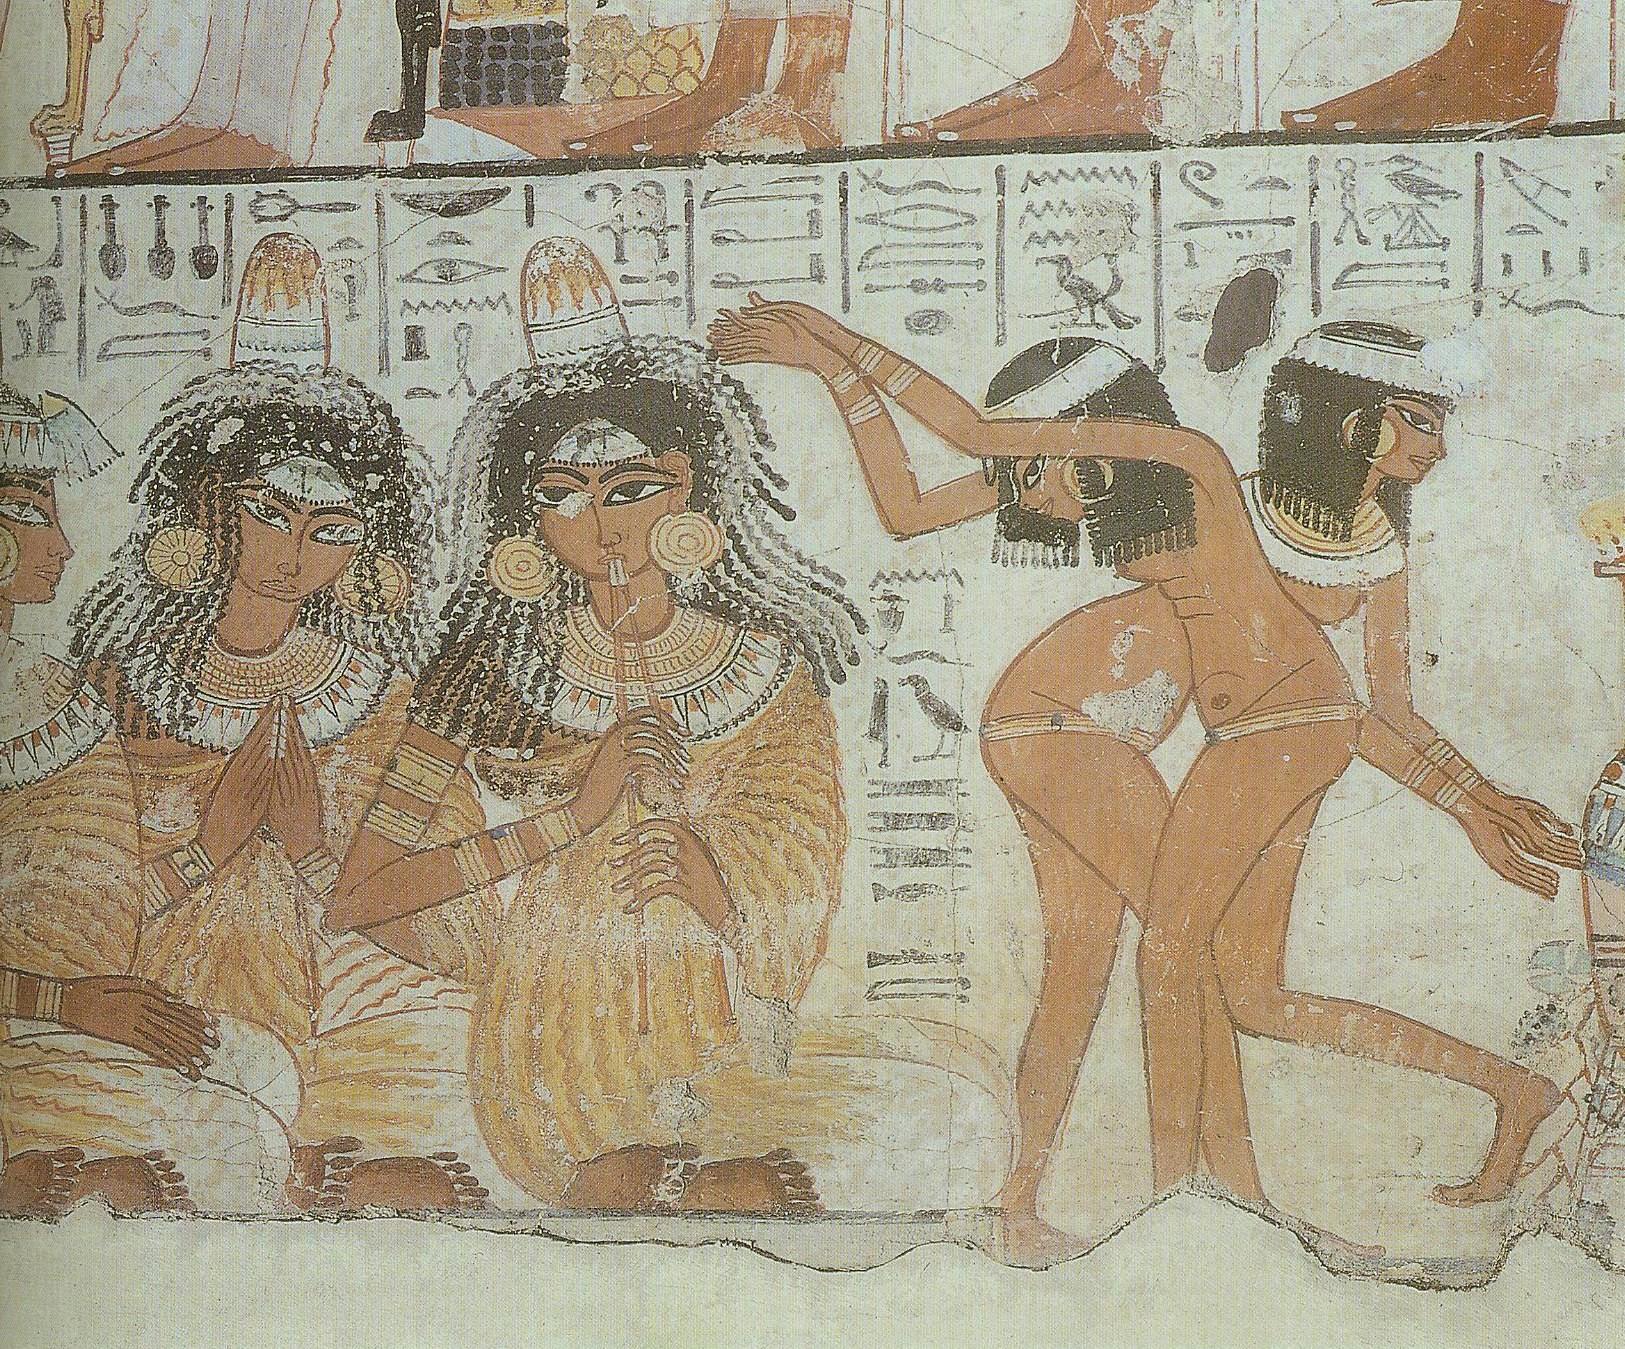 69. Из настенной живописи гробницы Nebamun, богатого бухгалтера в Храме Амона в Фивах около 1350BC.Британский музей, Лондон.